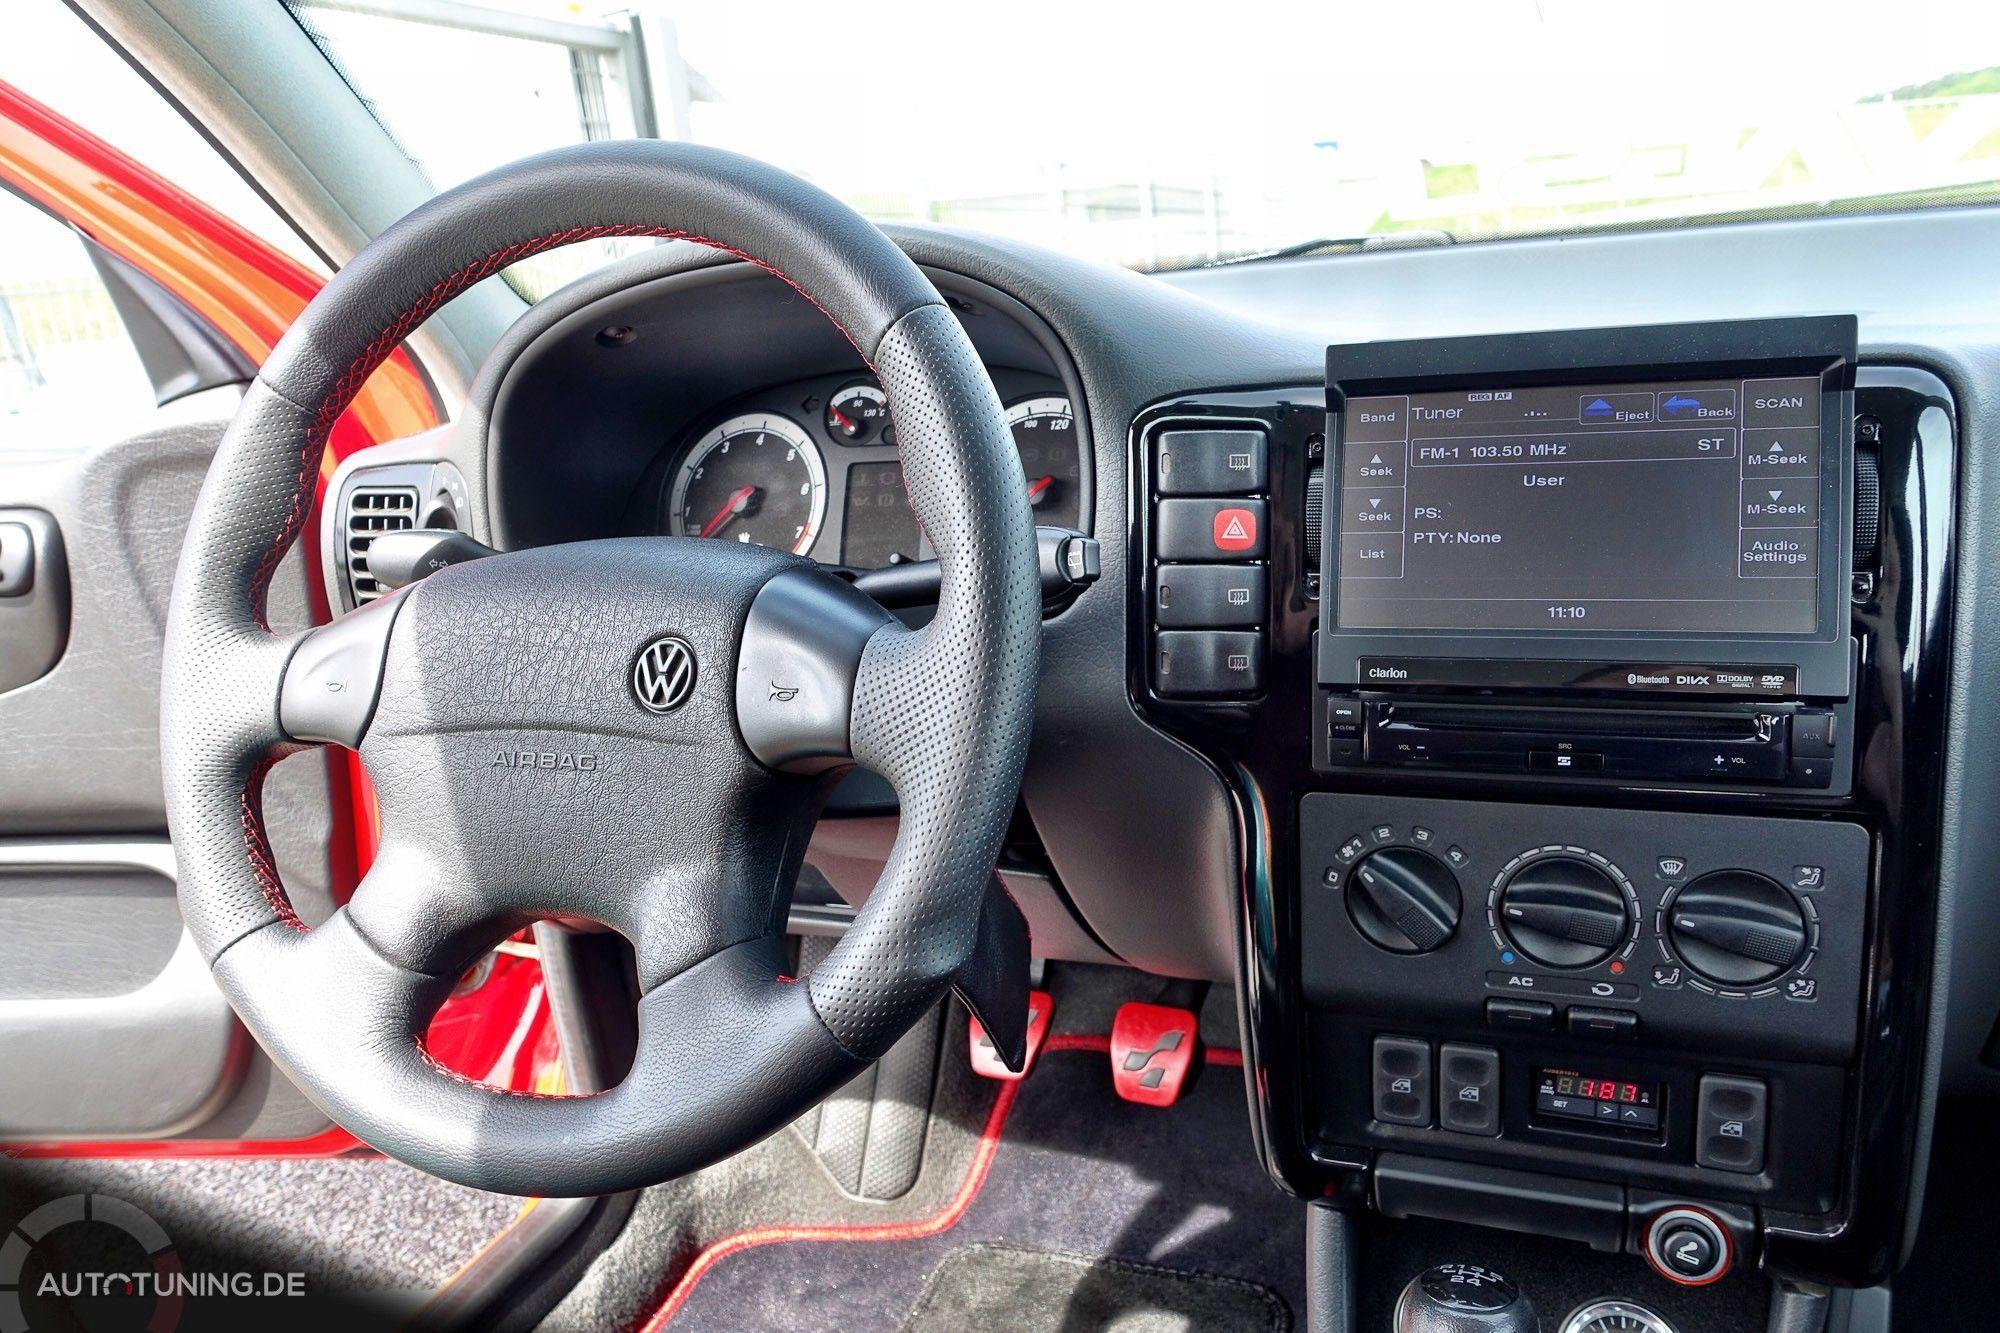 Dieser Rote Ausserlich Relativ Dezent Gehaltene Volkswagen Polo 6n Gti Ist Mit Seinen Uber 300 Pferdchen Unter Der Volkswagen Polo Gti Volkswagen Polo Vw Polo